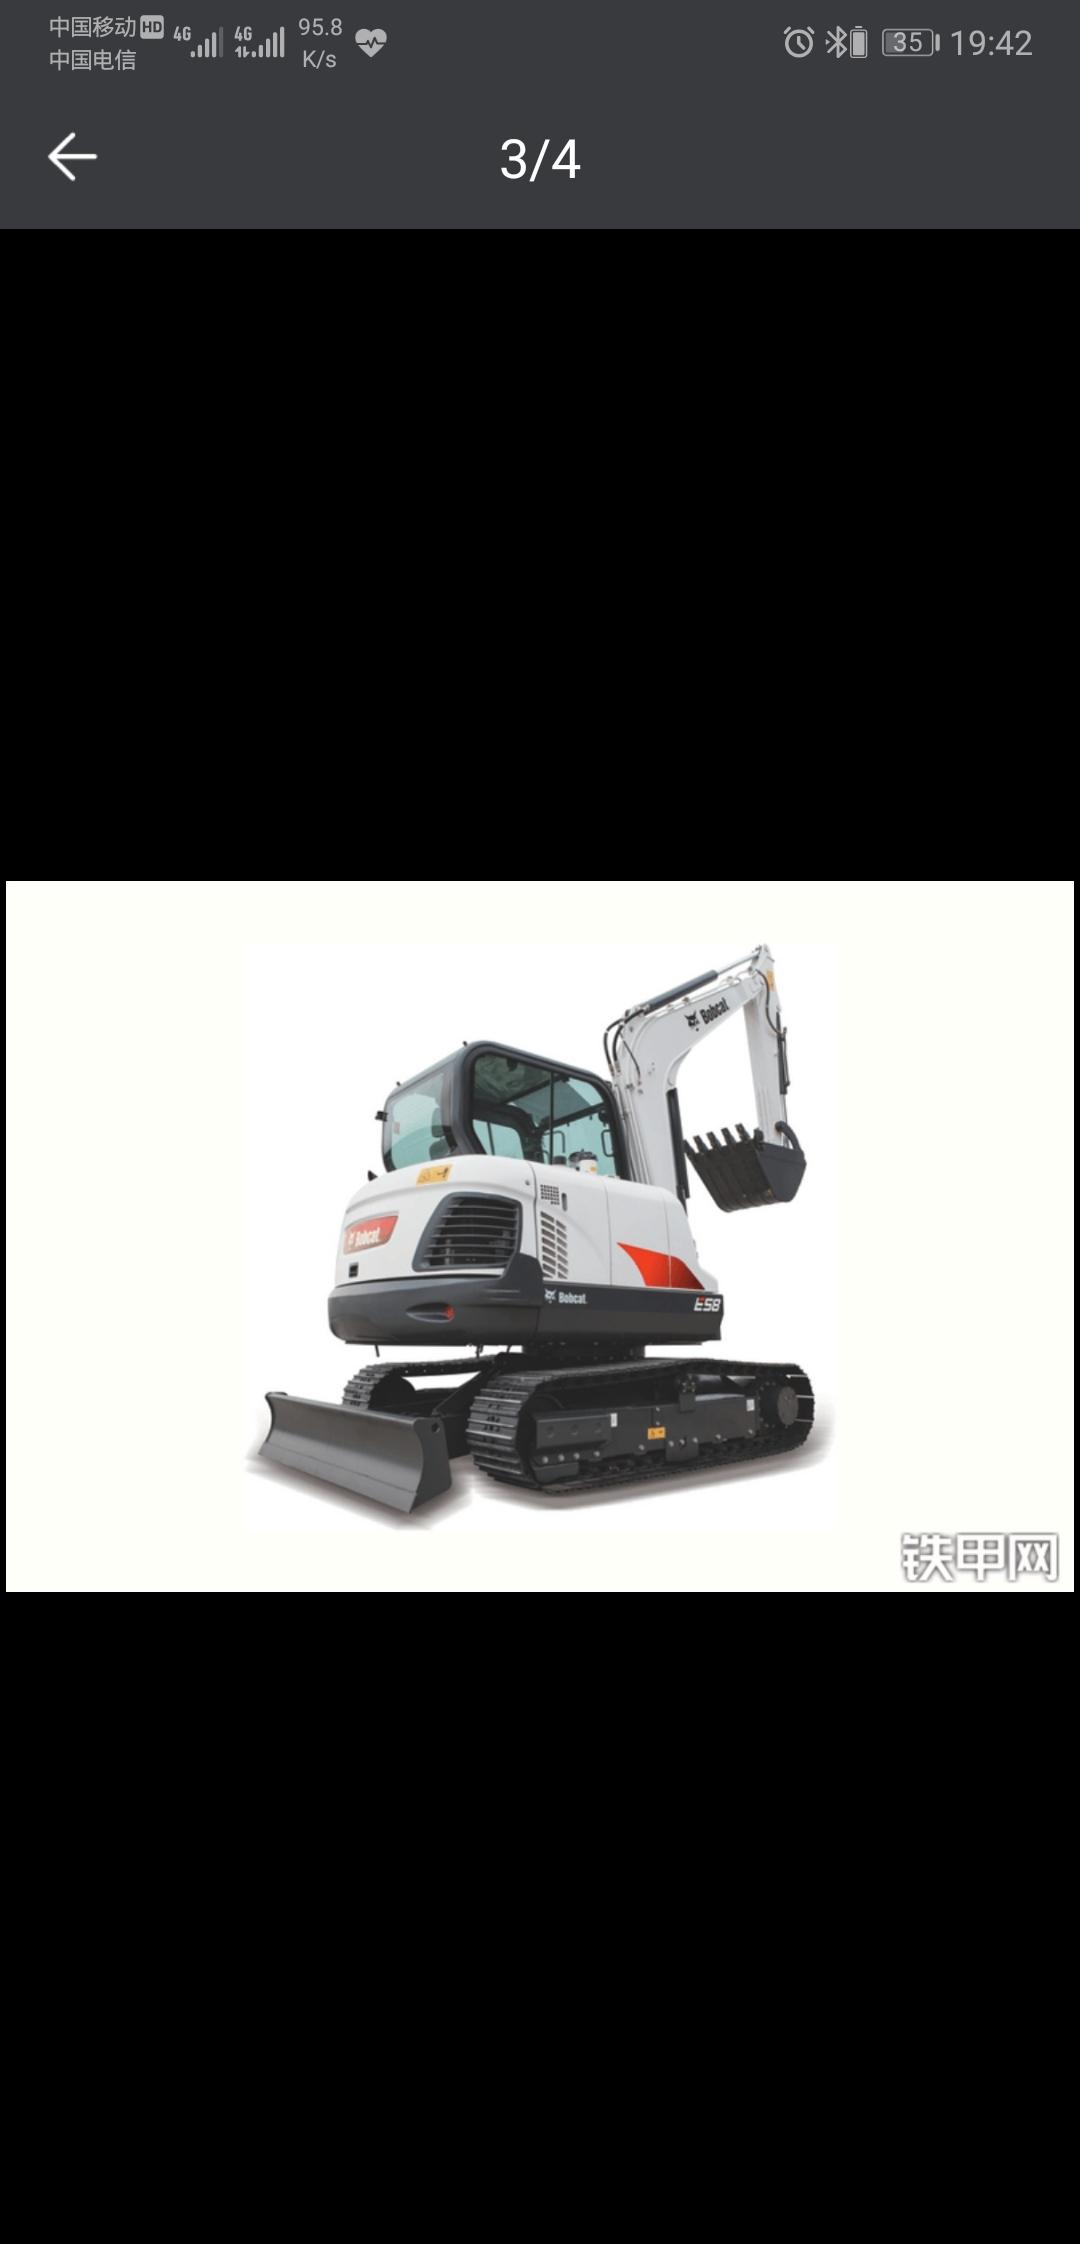 山猫小挖机怎么跟斗山小挖机一样?